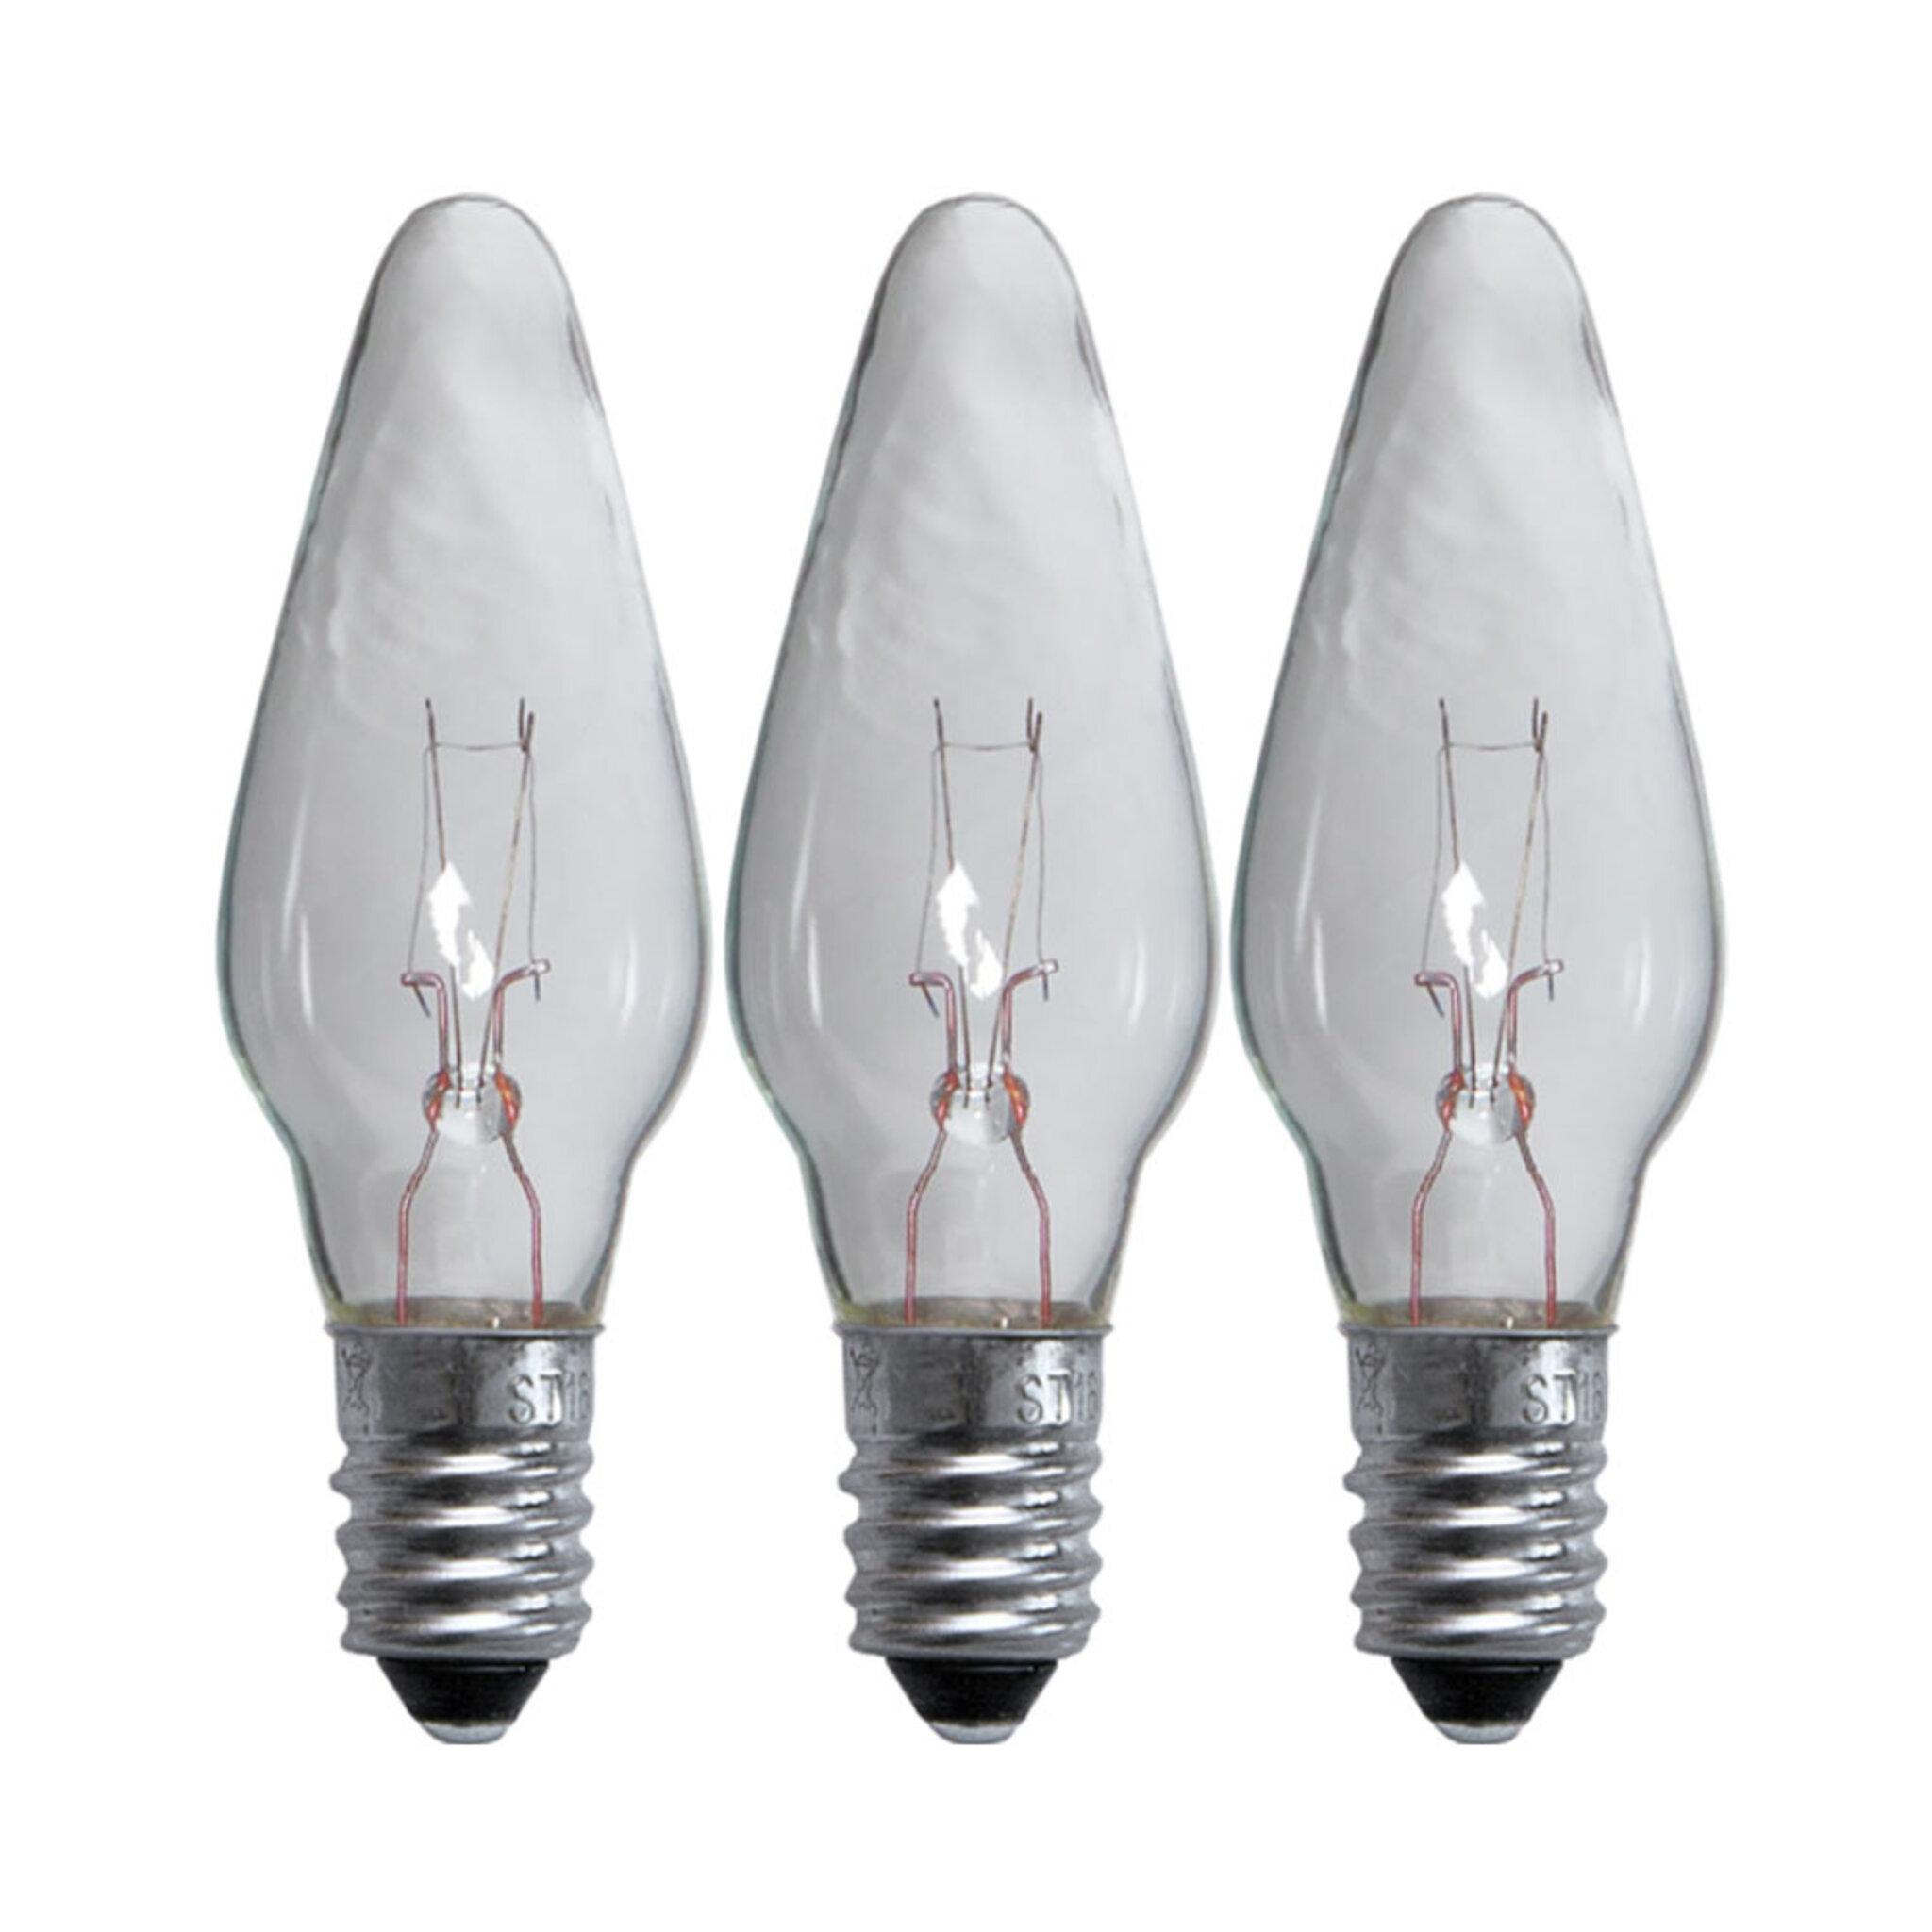 Reservlampa 3-pack, LED, till 5-armade ljusstakar